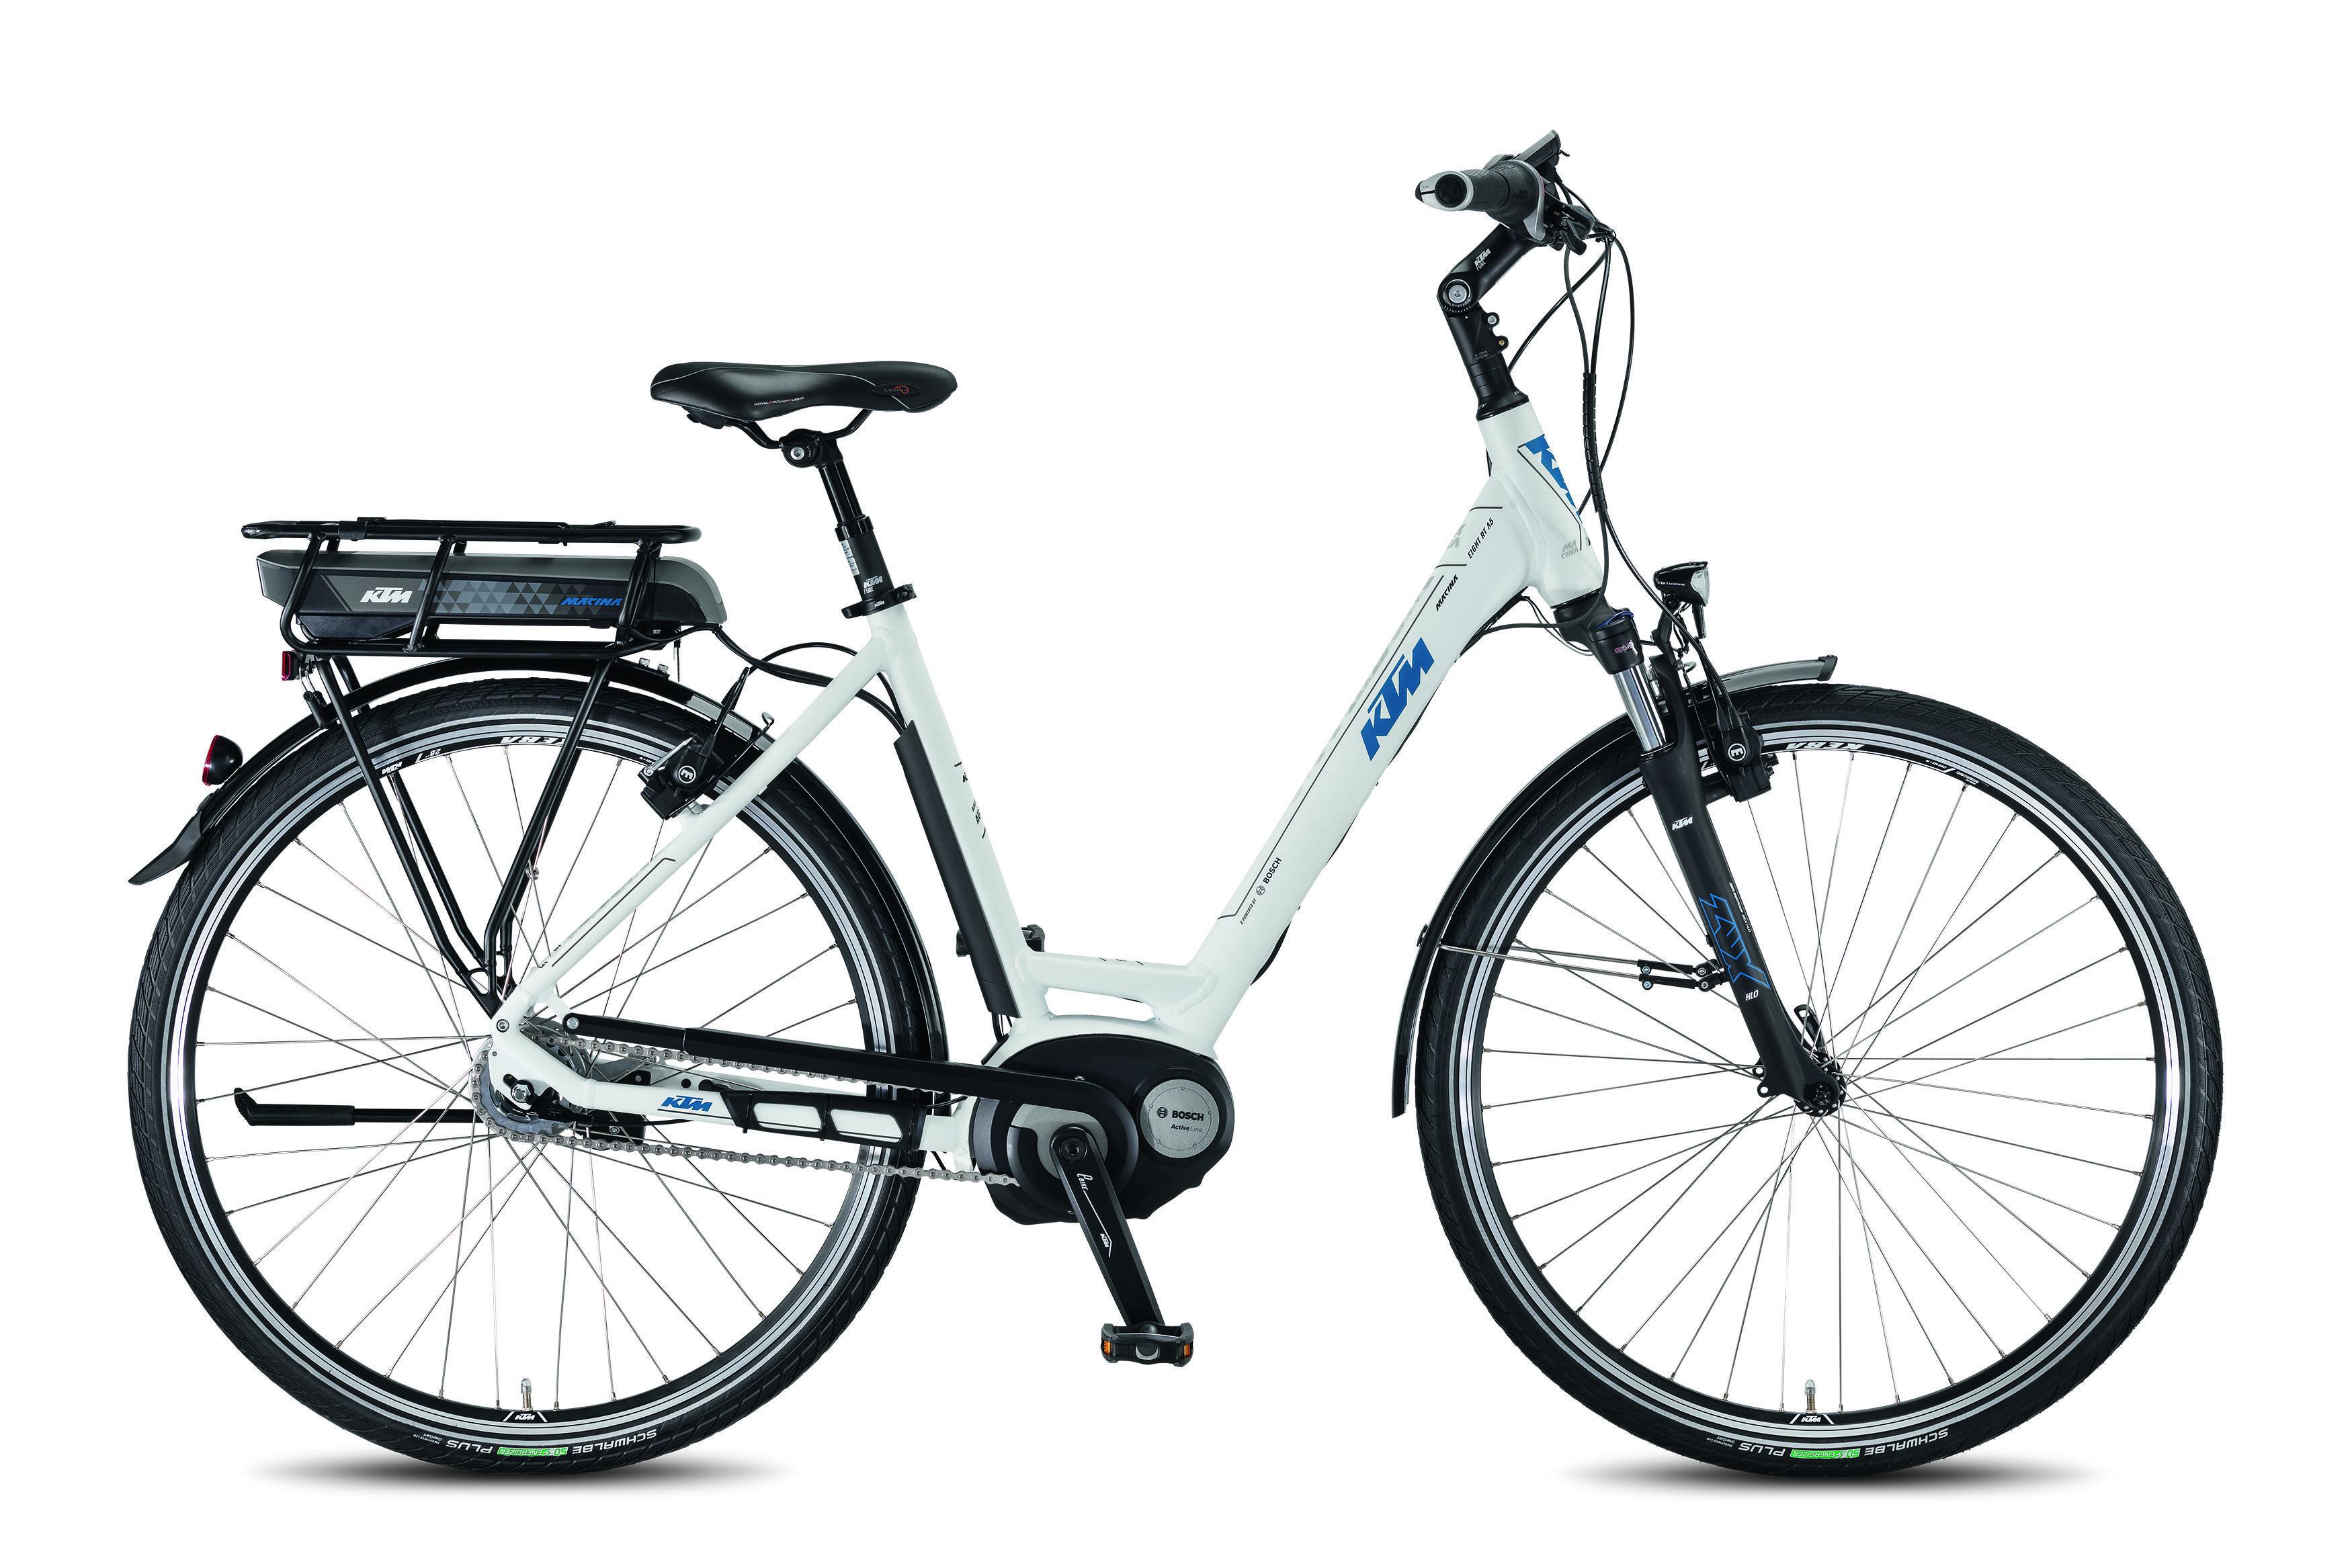 Macina Eight RT A5 Pedelec, Radfahren und Fahrrad